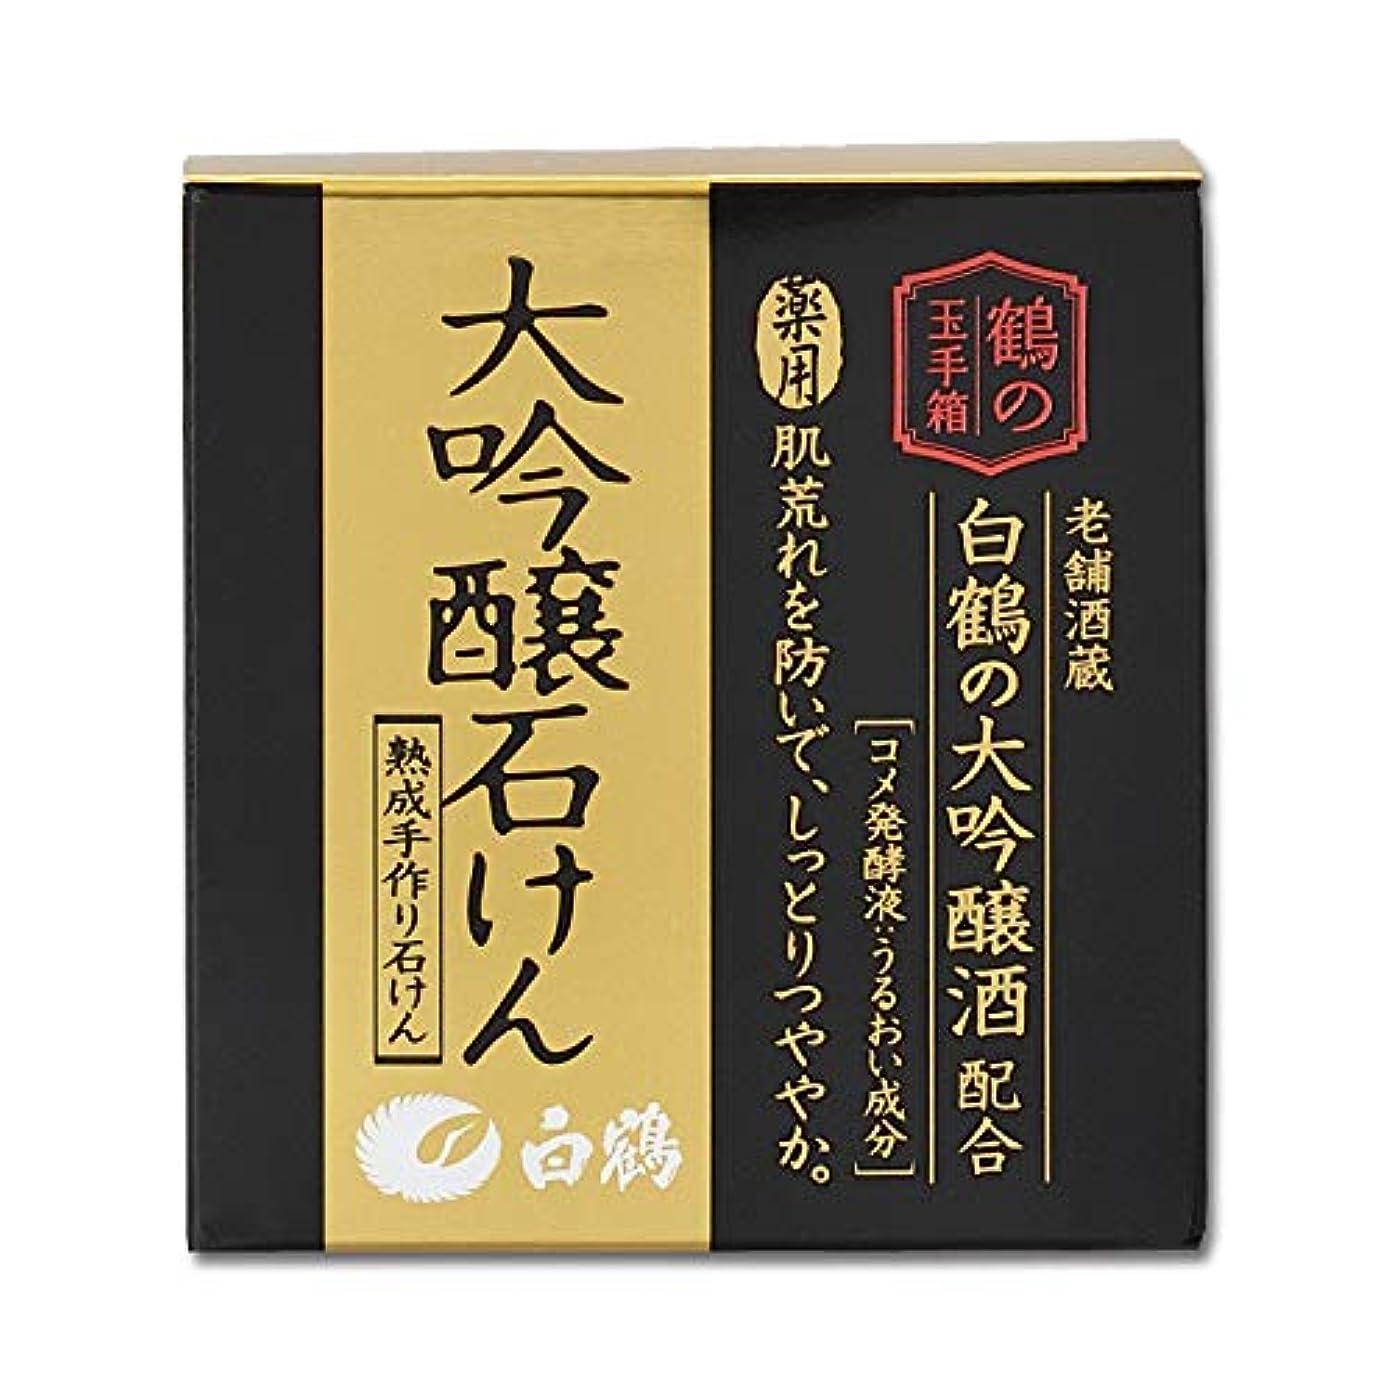 未満くすぐったい道徳白鶴 鶴の玉手箱 薬用 大吟醸石けん 100g (医薬部外品)